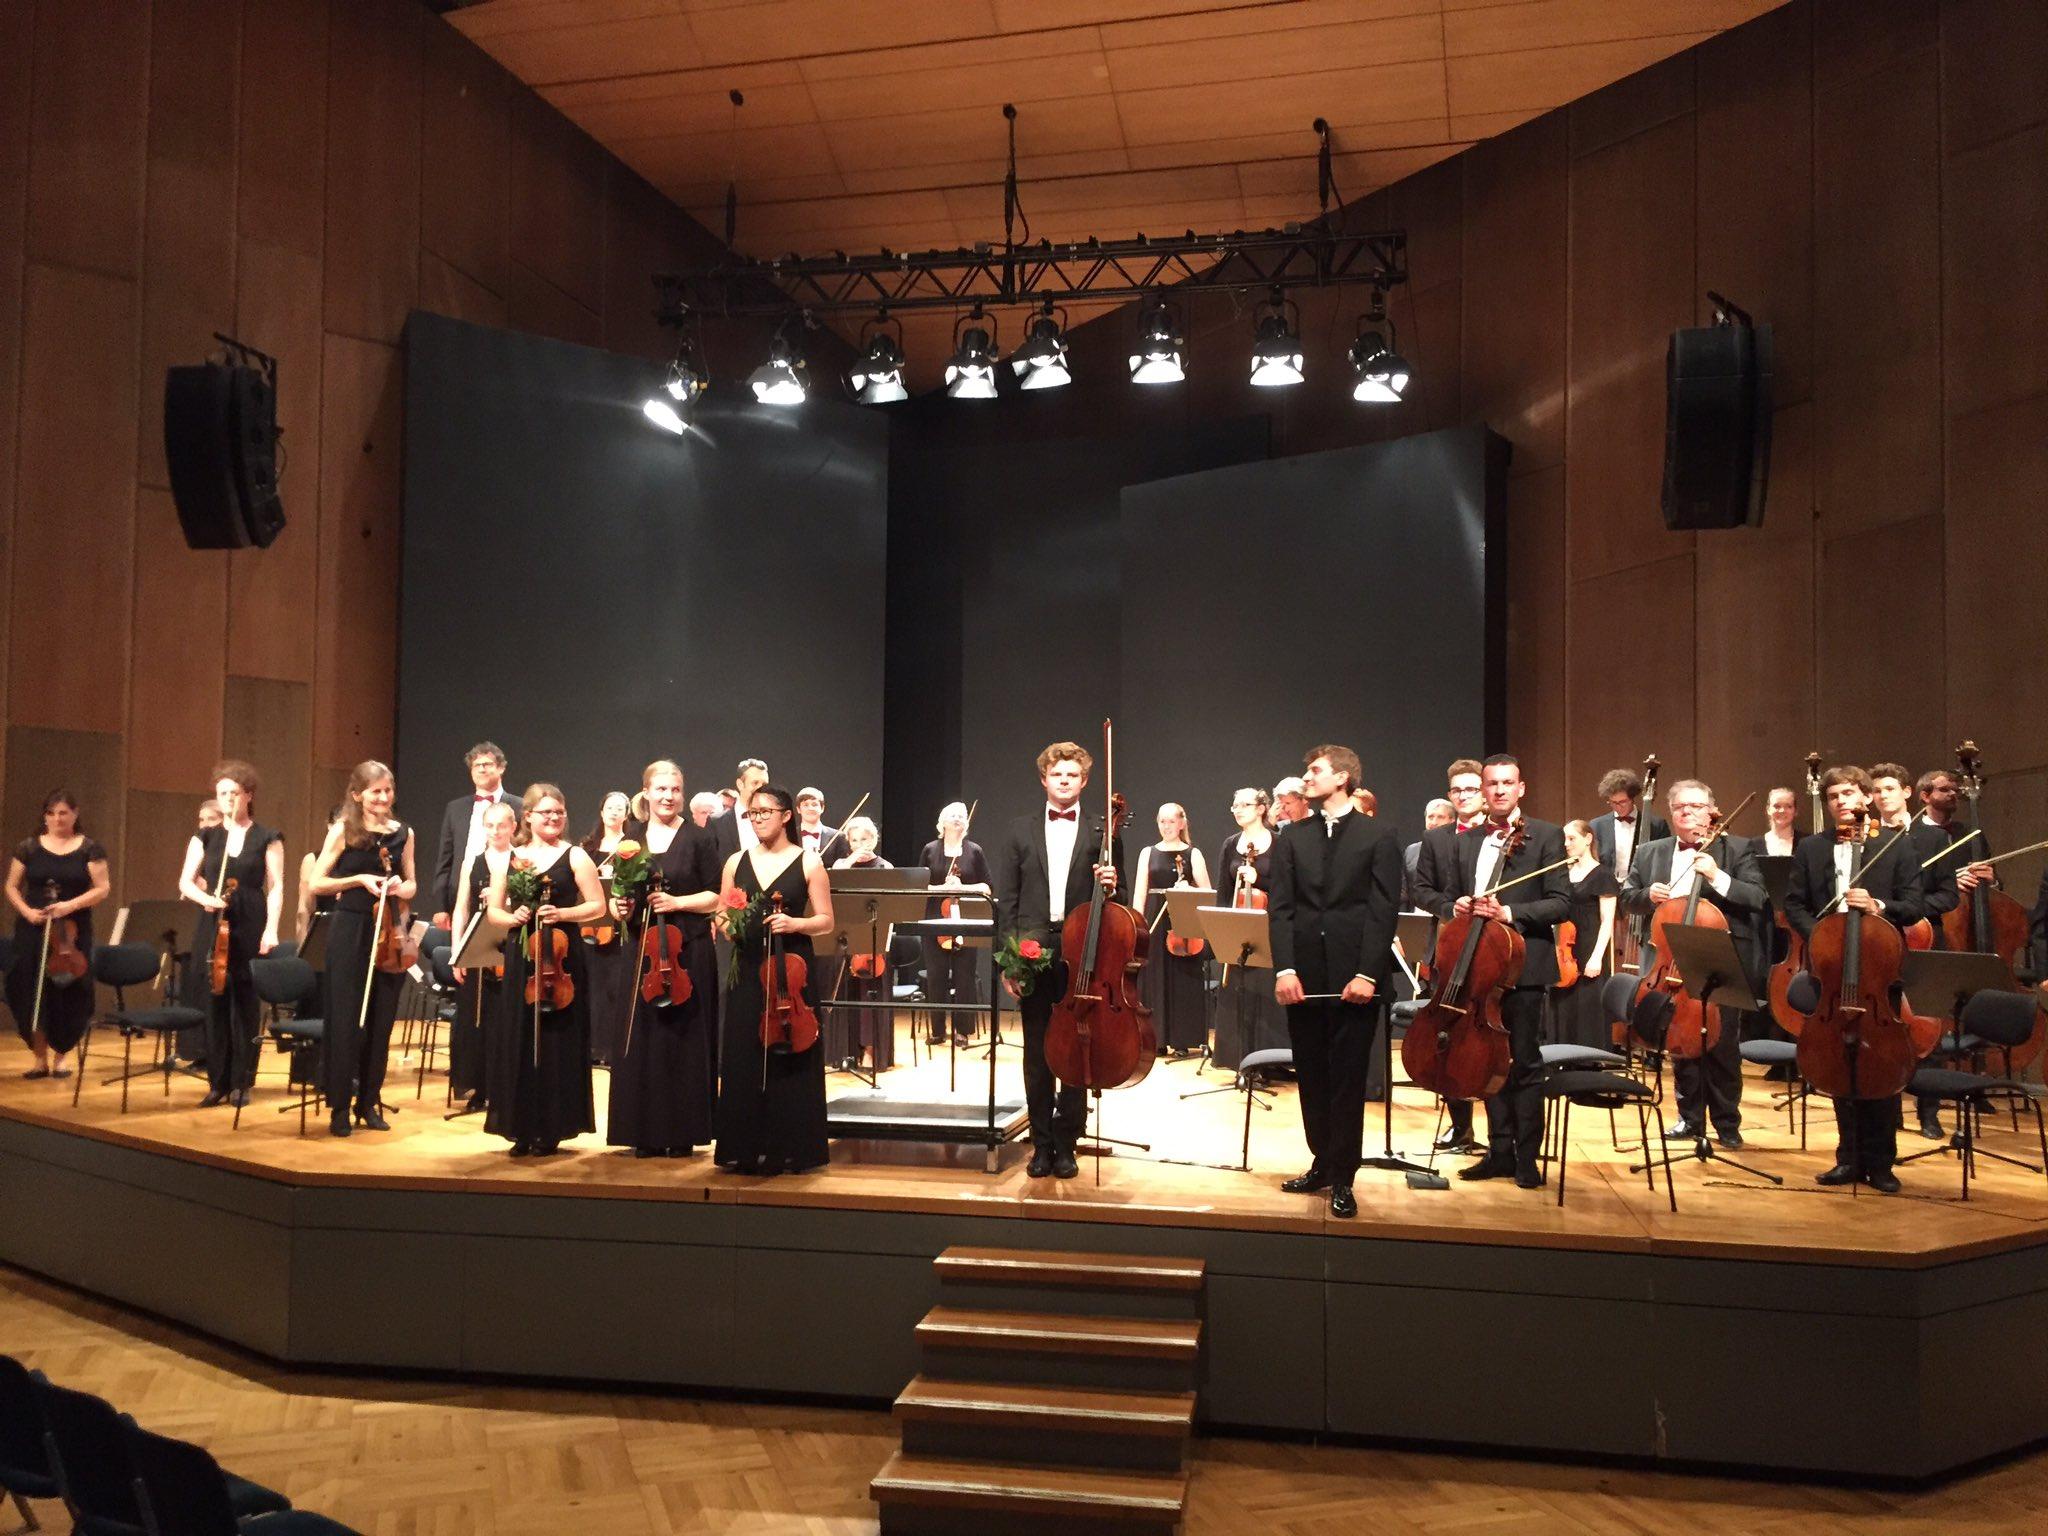 """Tolles Konzert mit unserem Patenorchester des Jugendkammerorchester der Musikschule: """"WKO-Heilbronn""""!!!! https://t.co/KKSPgiLtmG"""